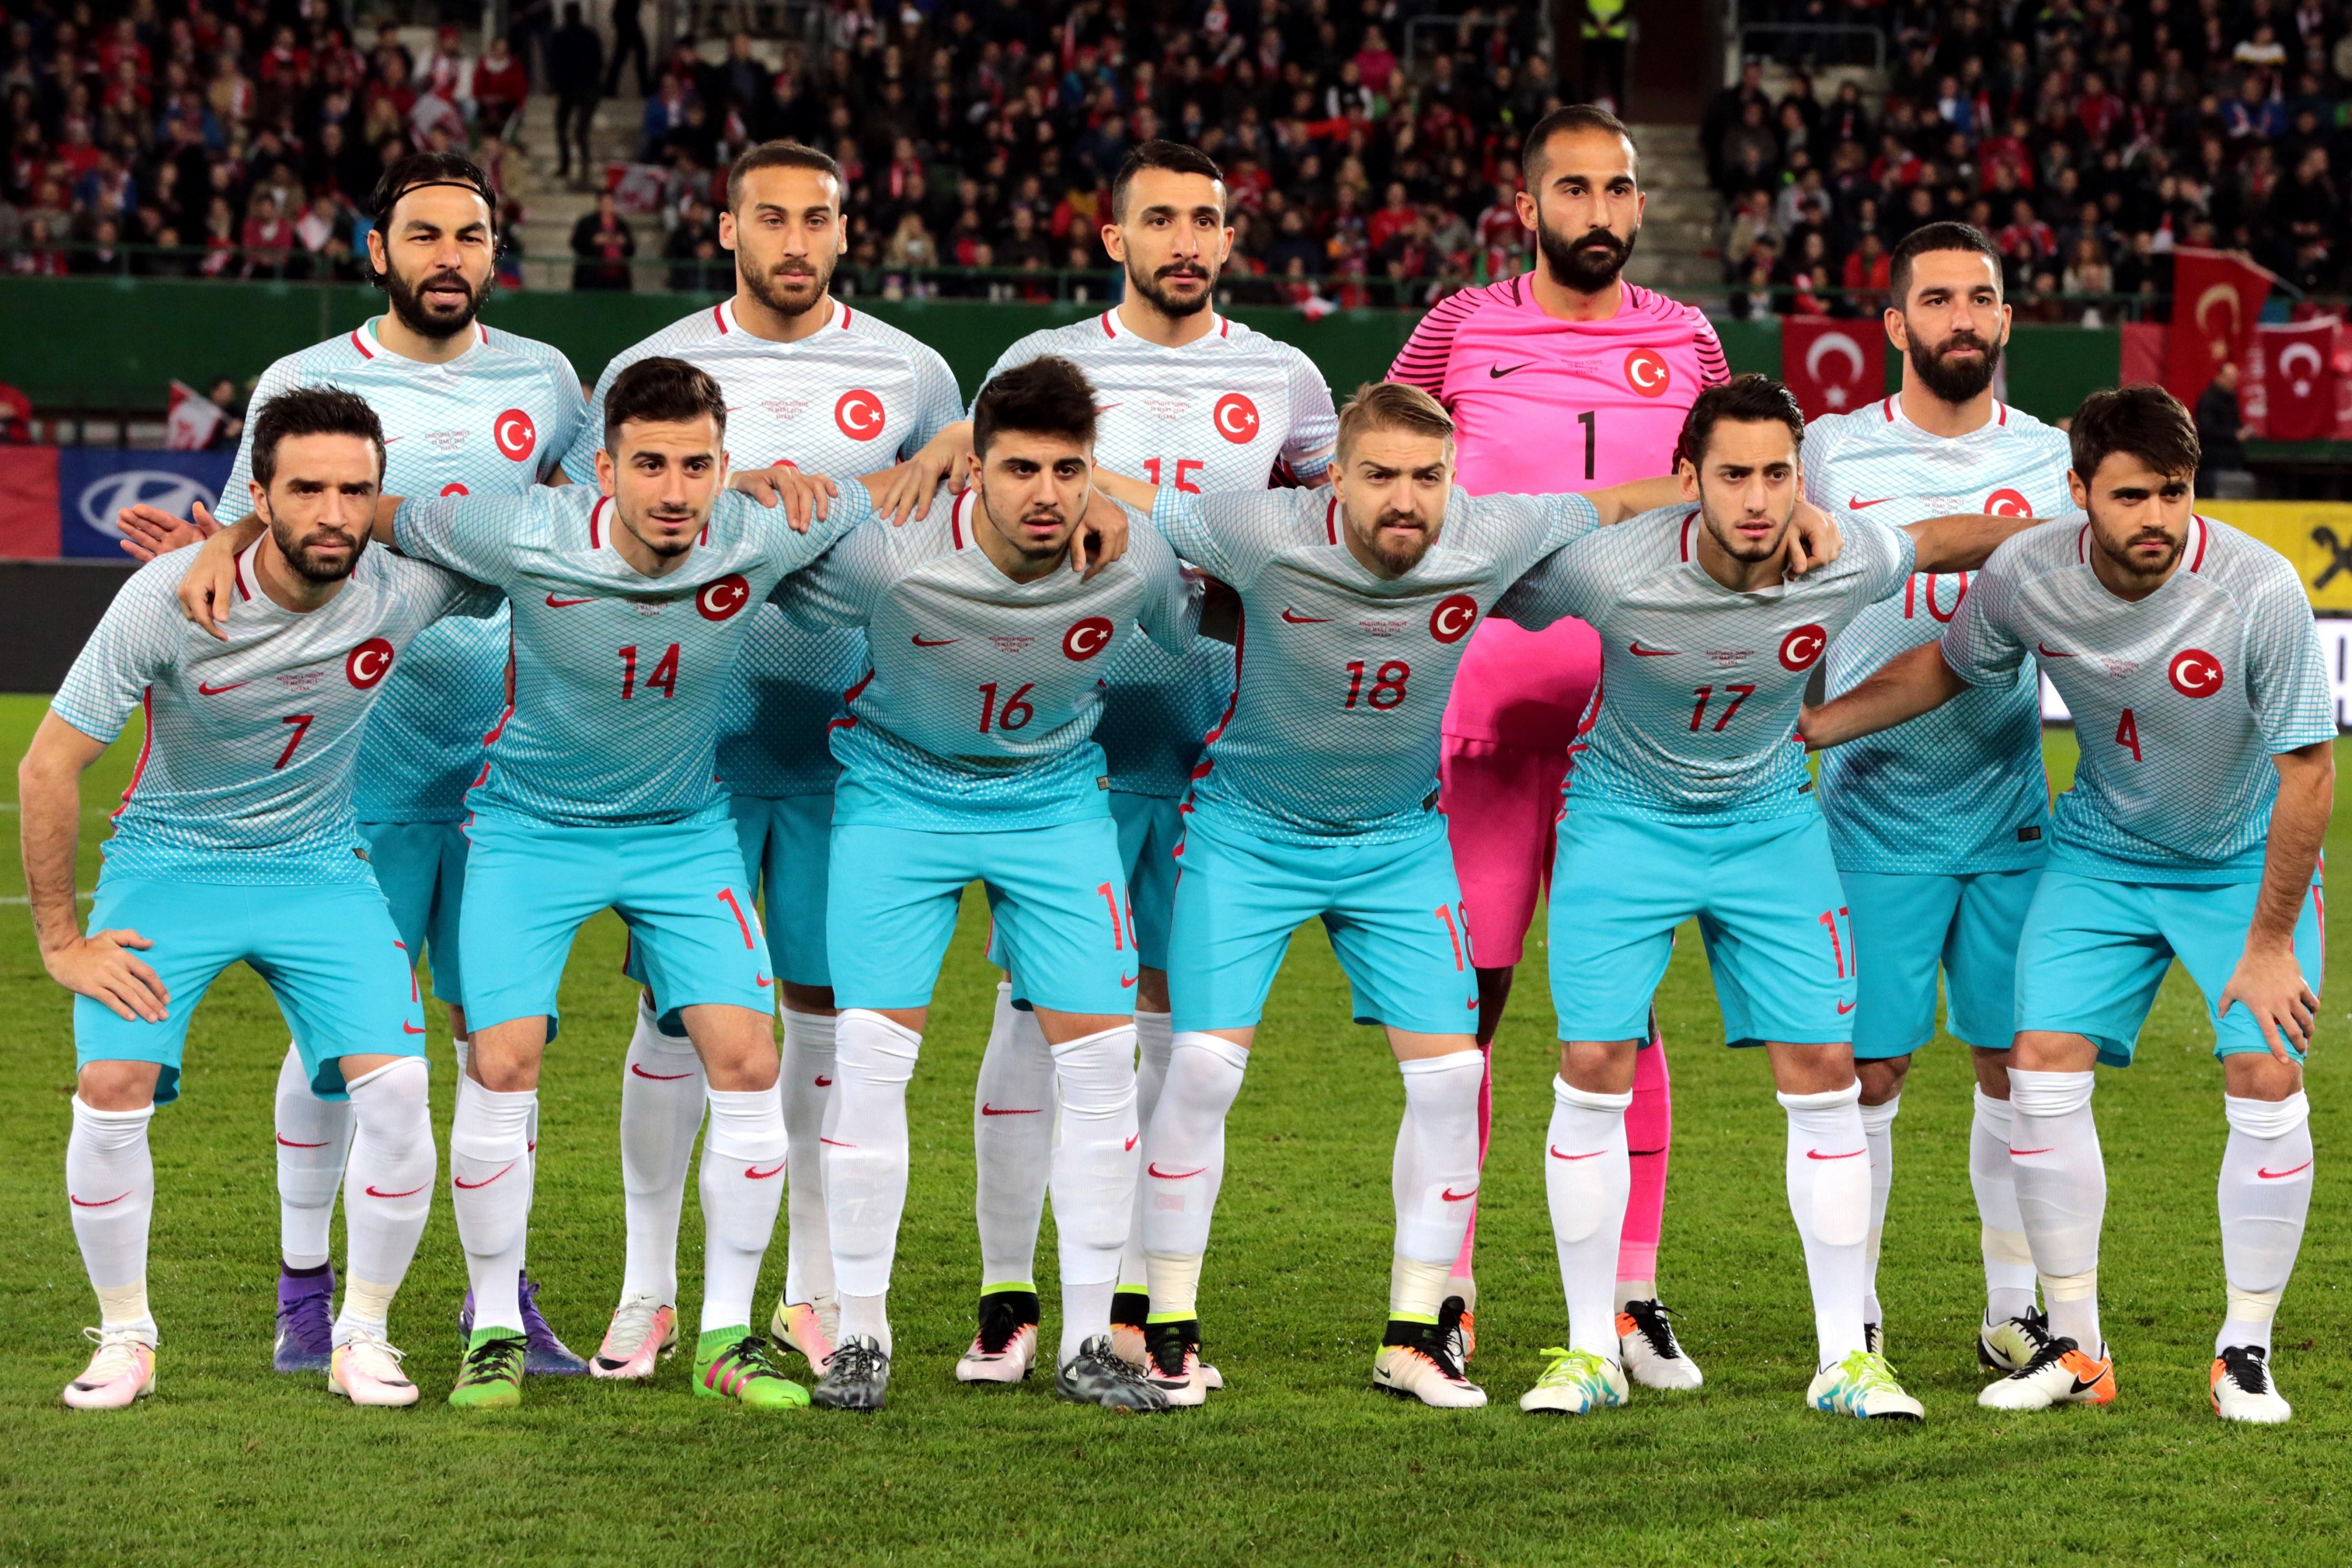 Turkiet kvar pa playoff plats